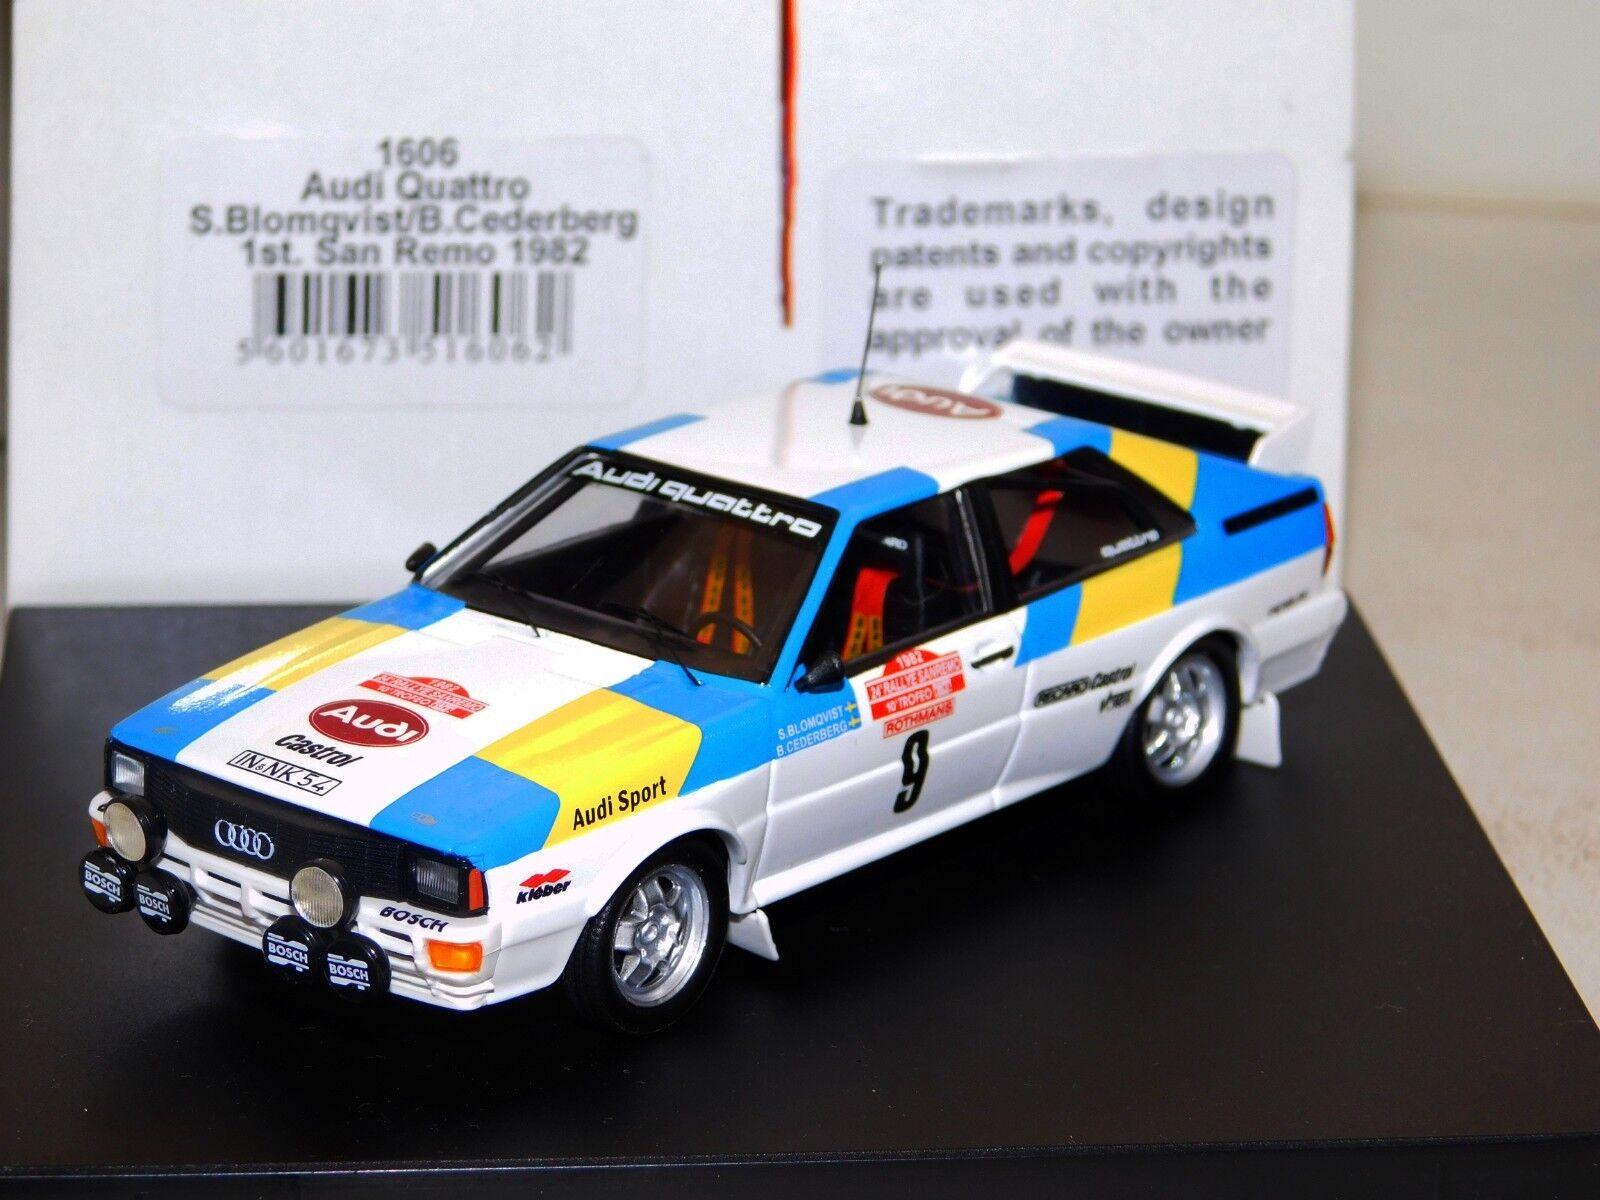 Descuento del 70% barato AUDI Quattro  9 Ganador San Remo Remo Remo 1982 Blomqvist Trofeu 1606 1 43  100% a estrenar con calidad original.